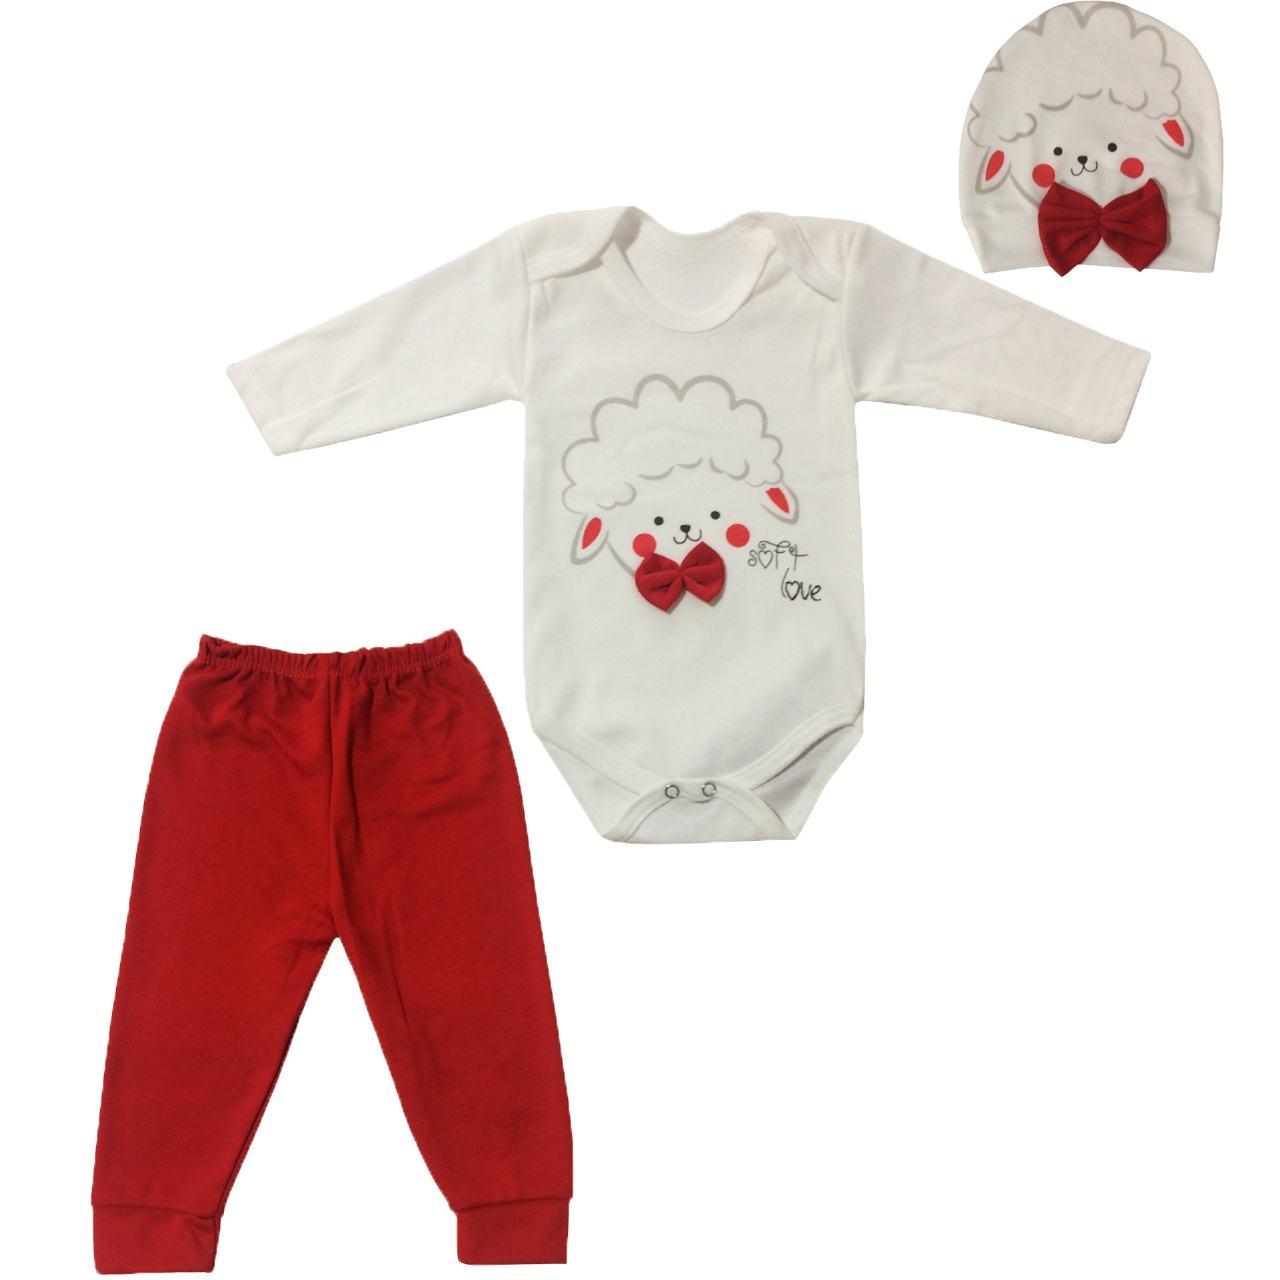 ست 3 تکه لباس نوزادی طرح بره مدل PK-H252 -  - 2